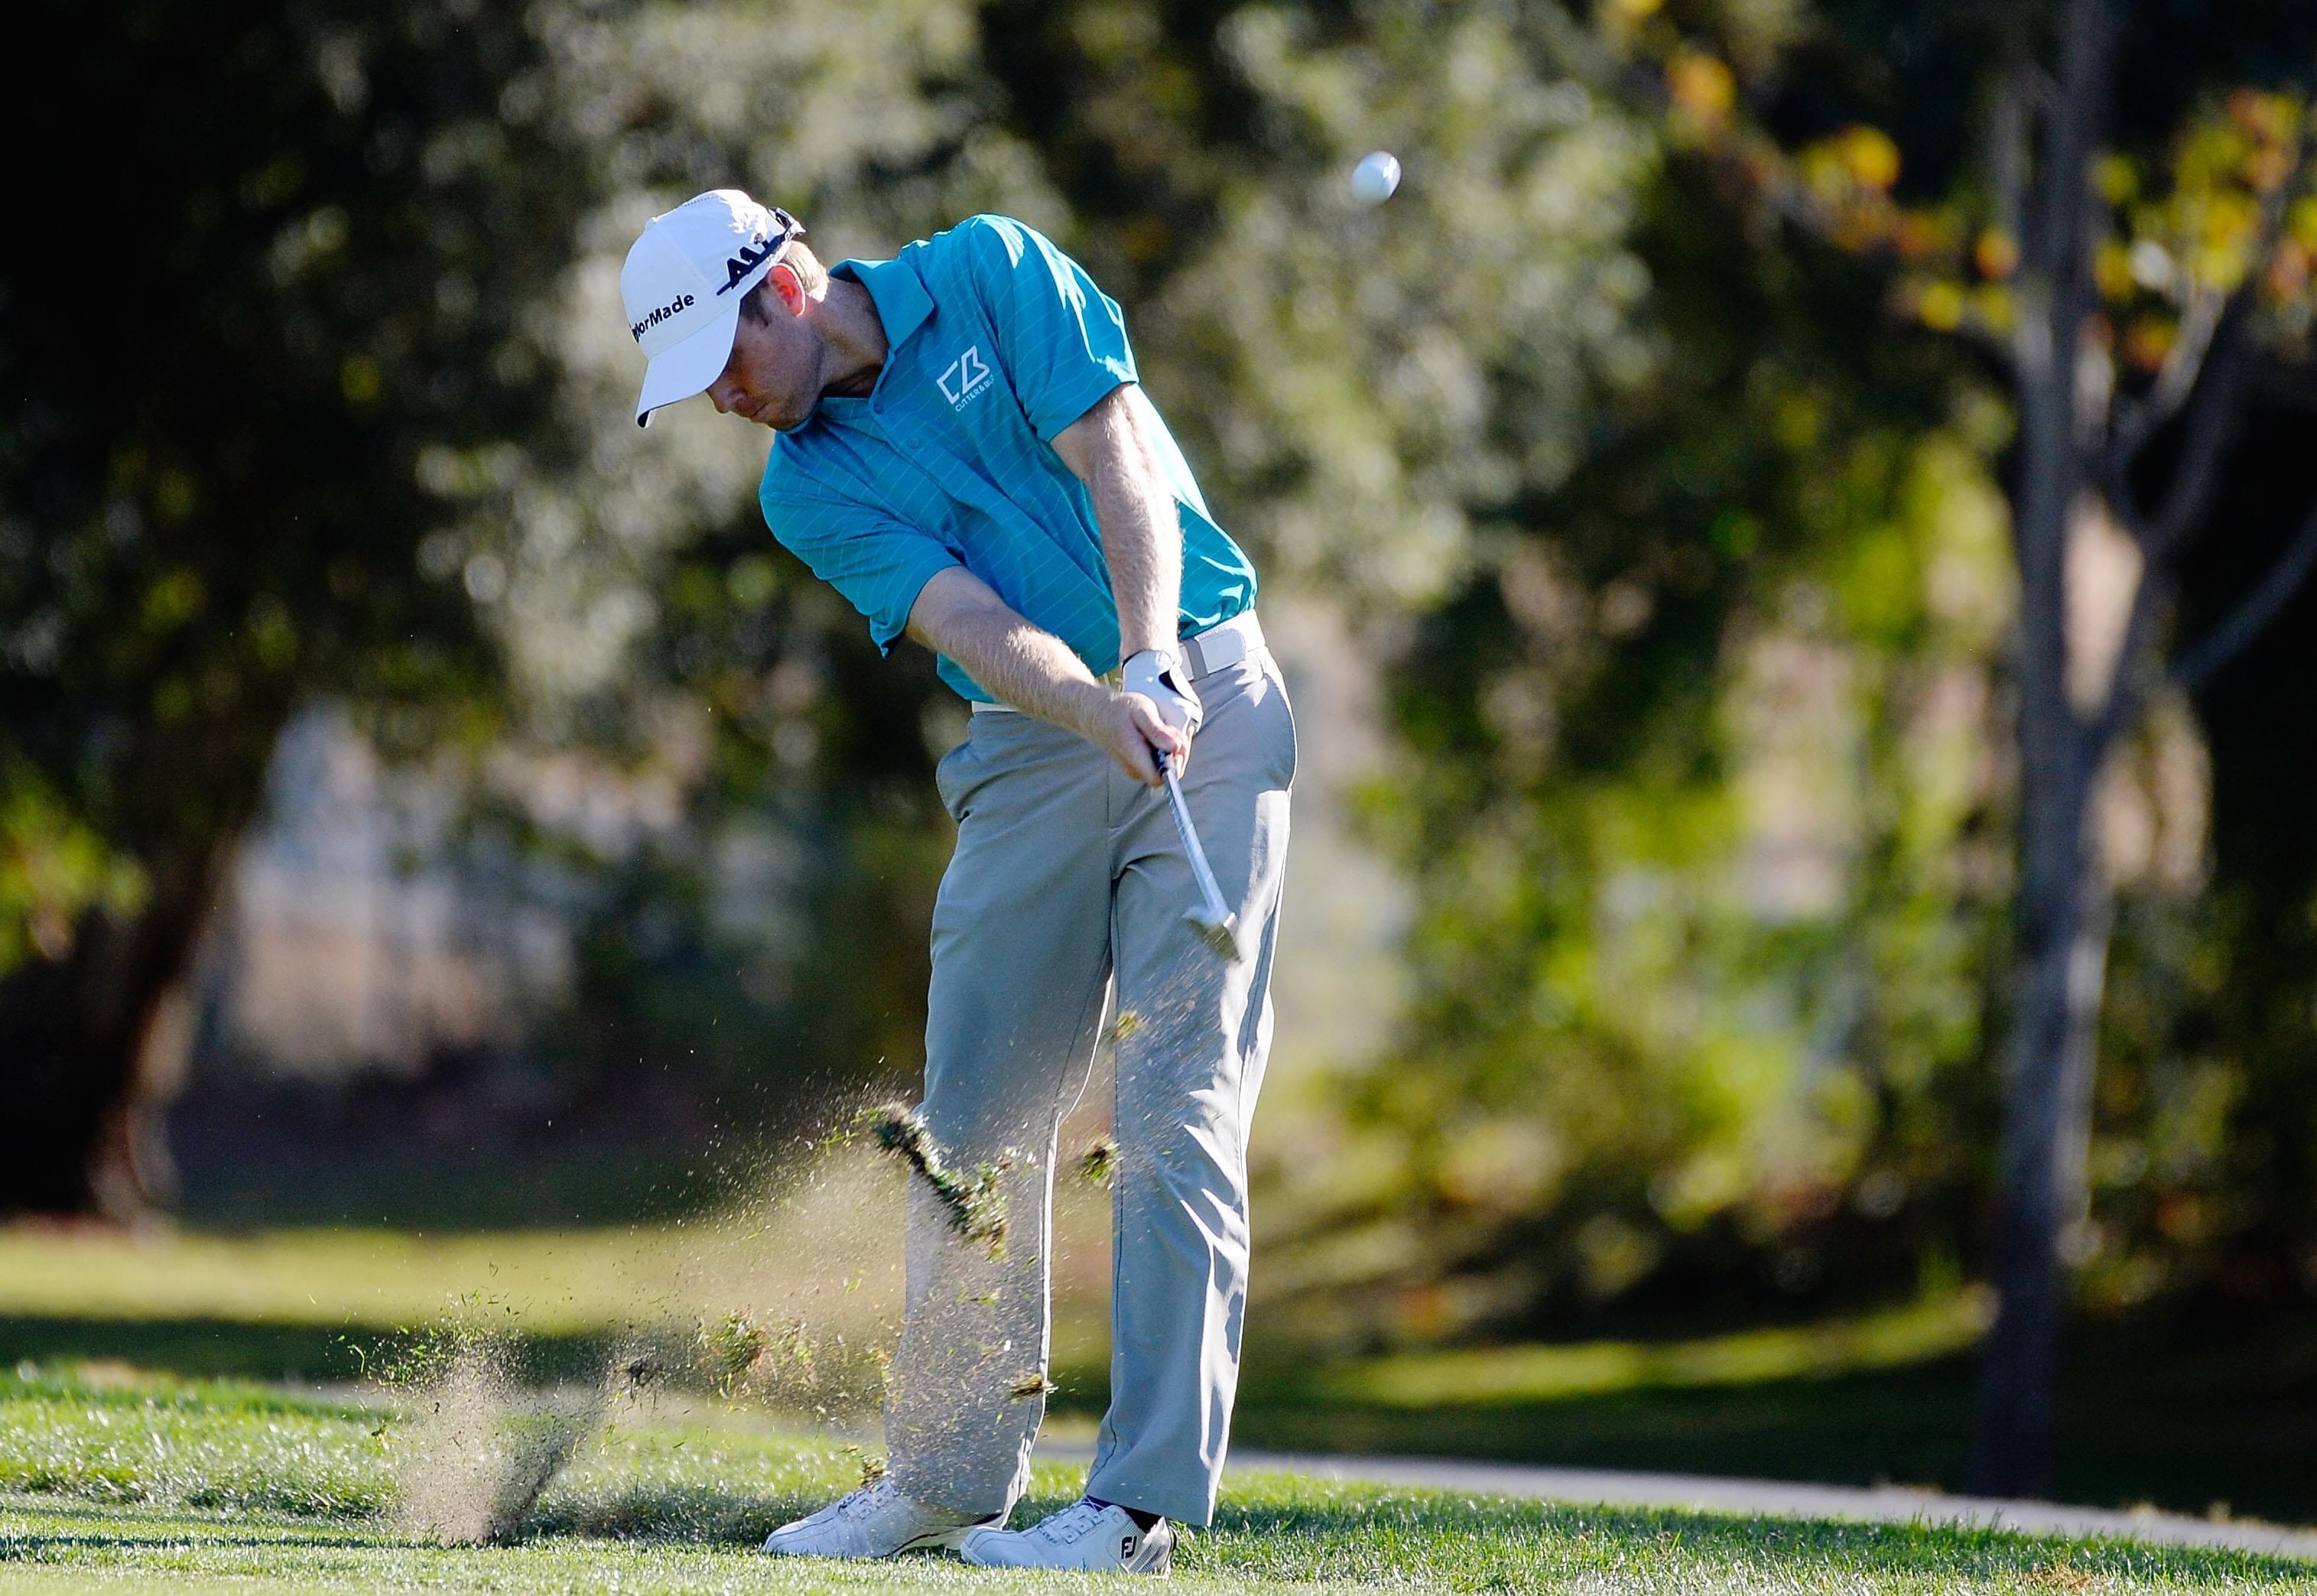 泰勒-邓肯在西夫韦公开赛第二轮比赛中。Robert Laberge Getty Images